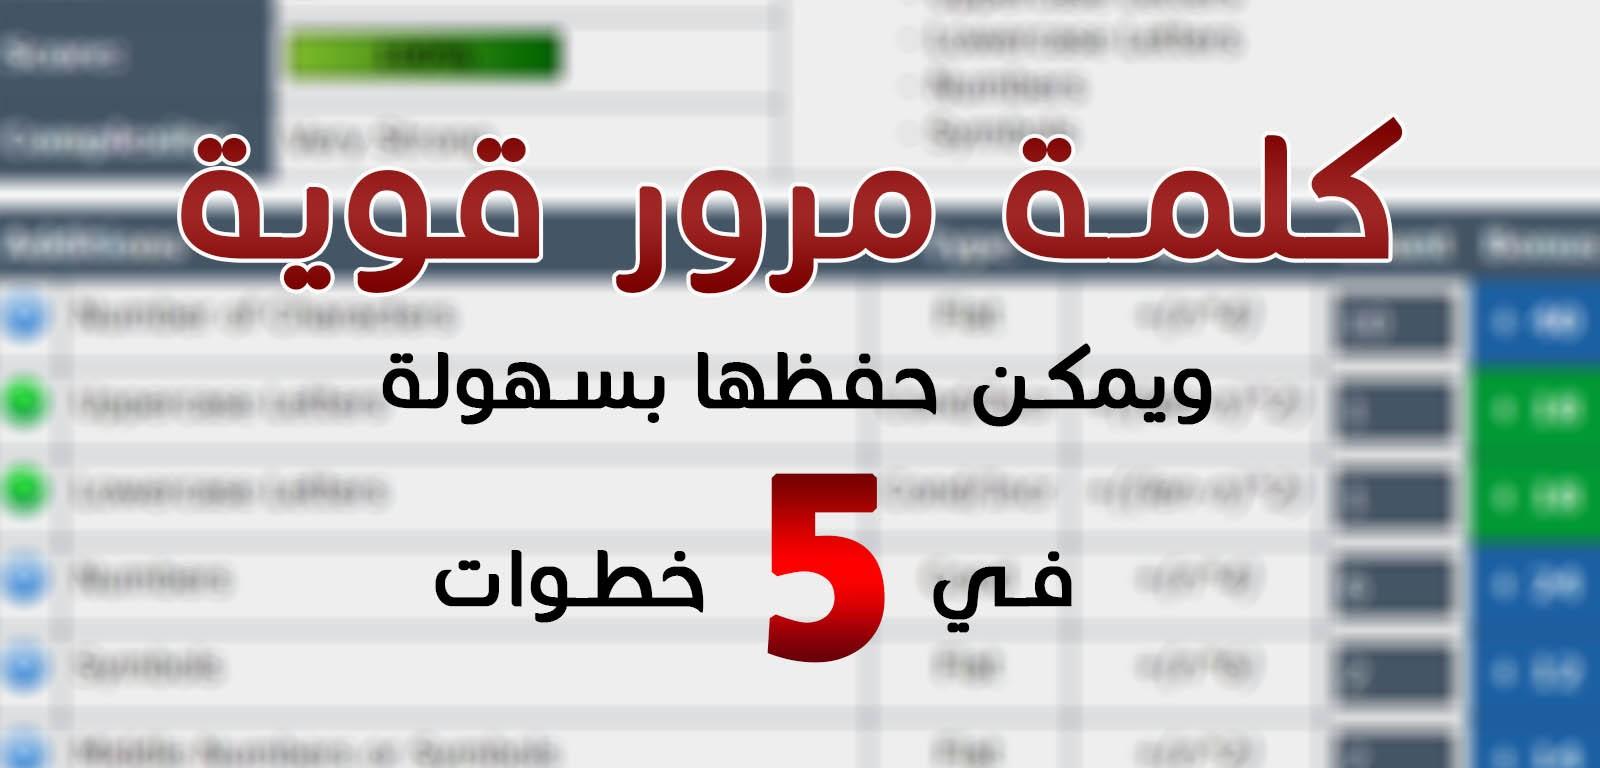 إنشاء كلمة مرور قوية جدا وسهلة الحفظ في 5 خطوات أحمد جمال